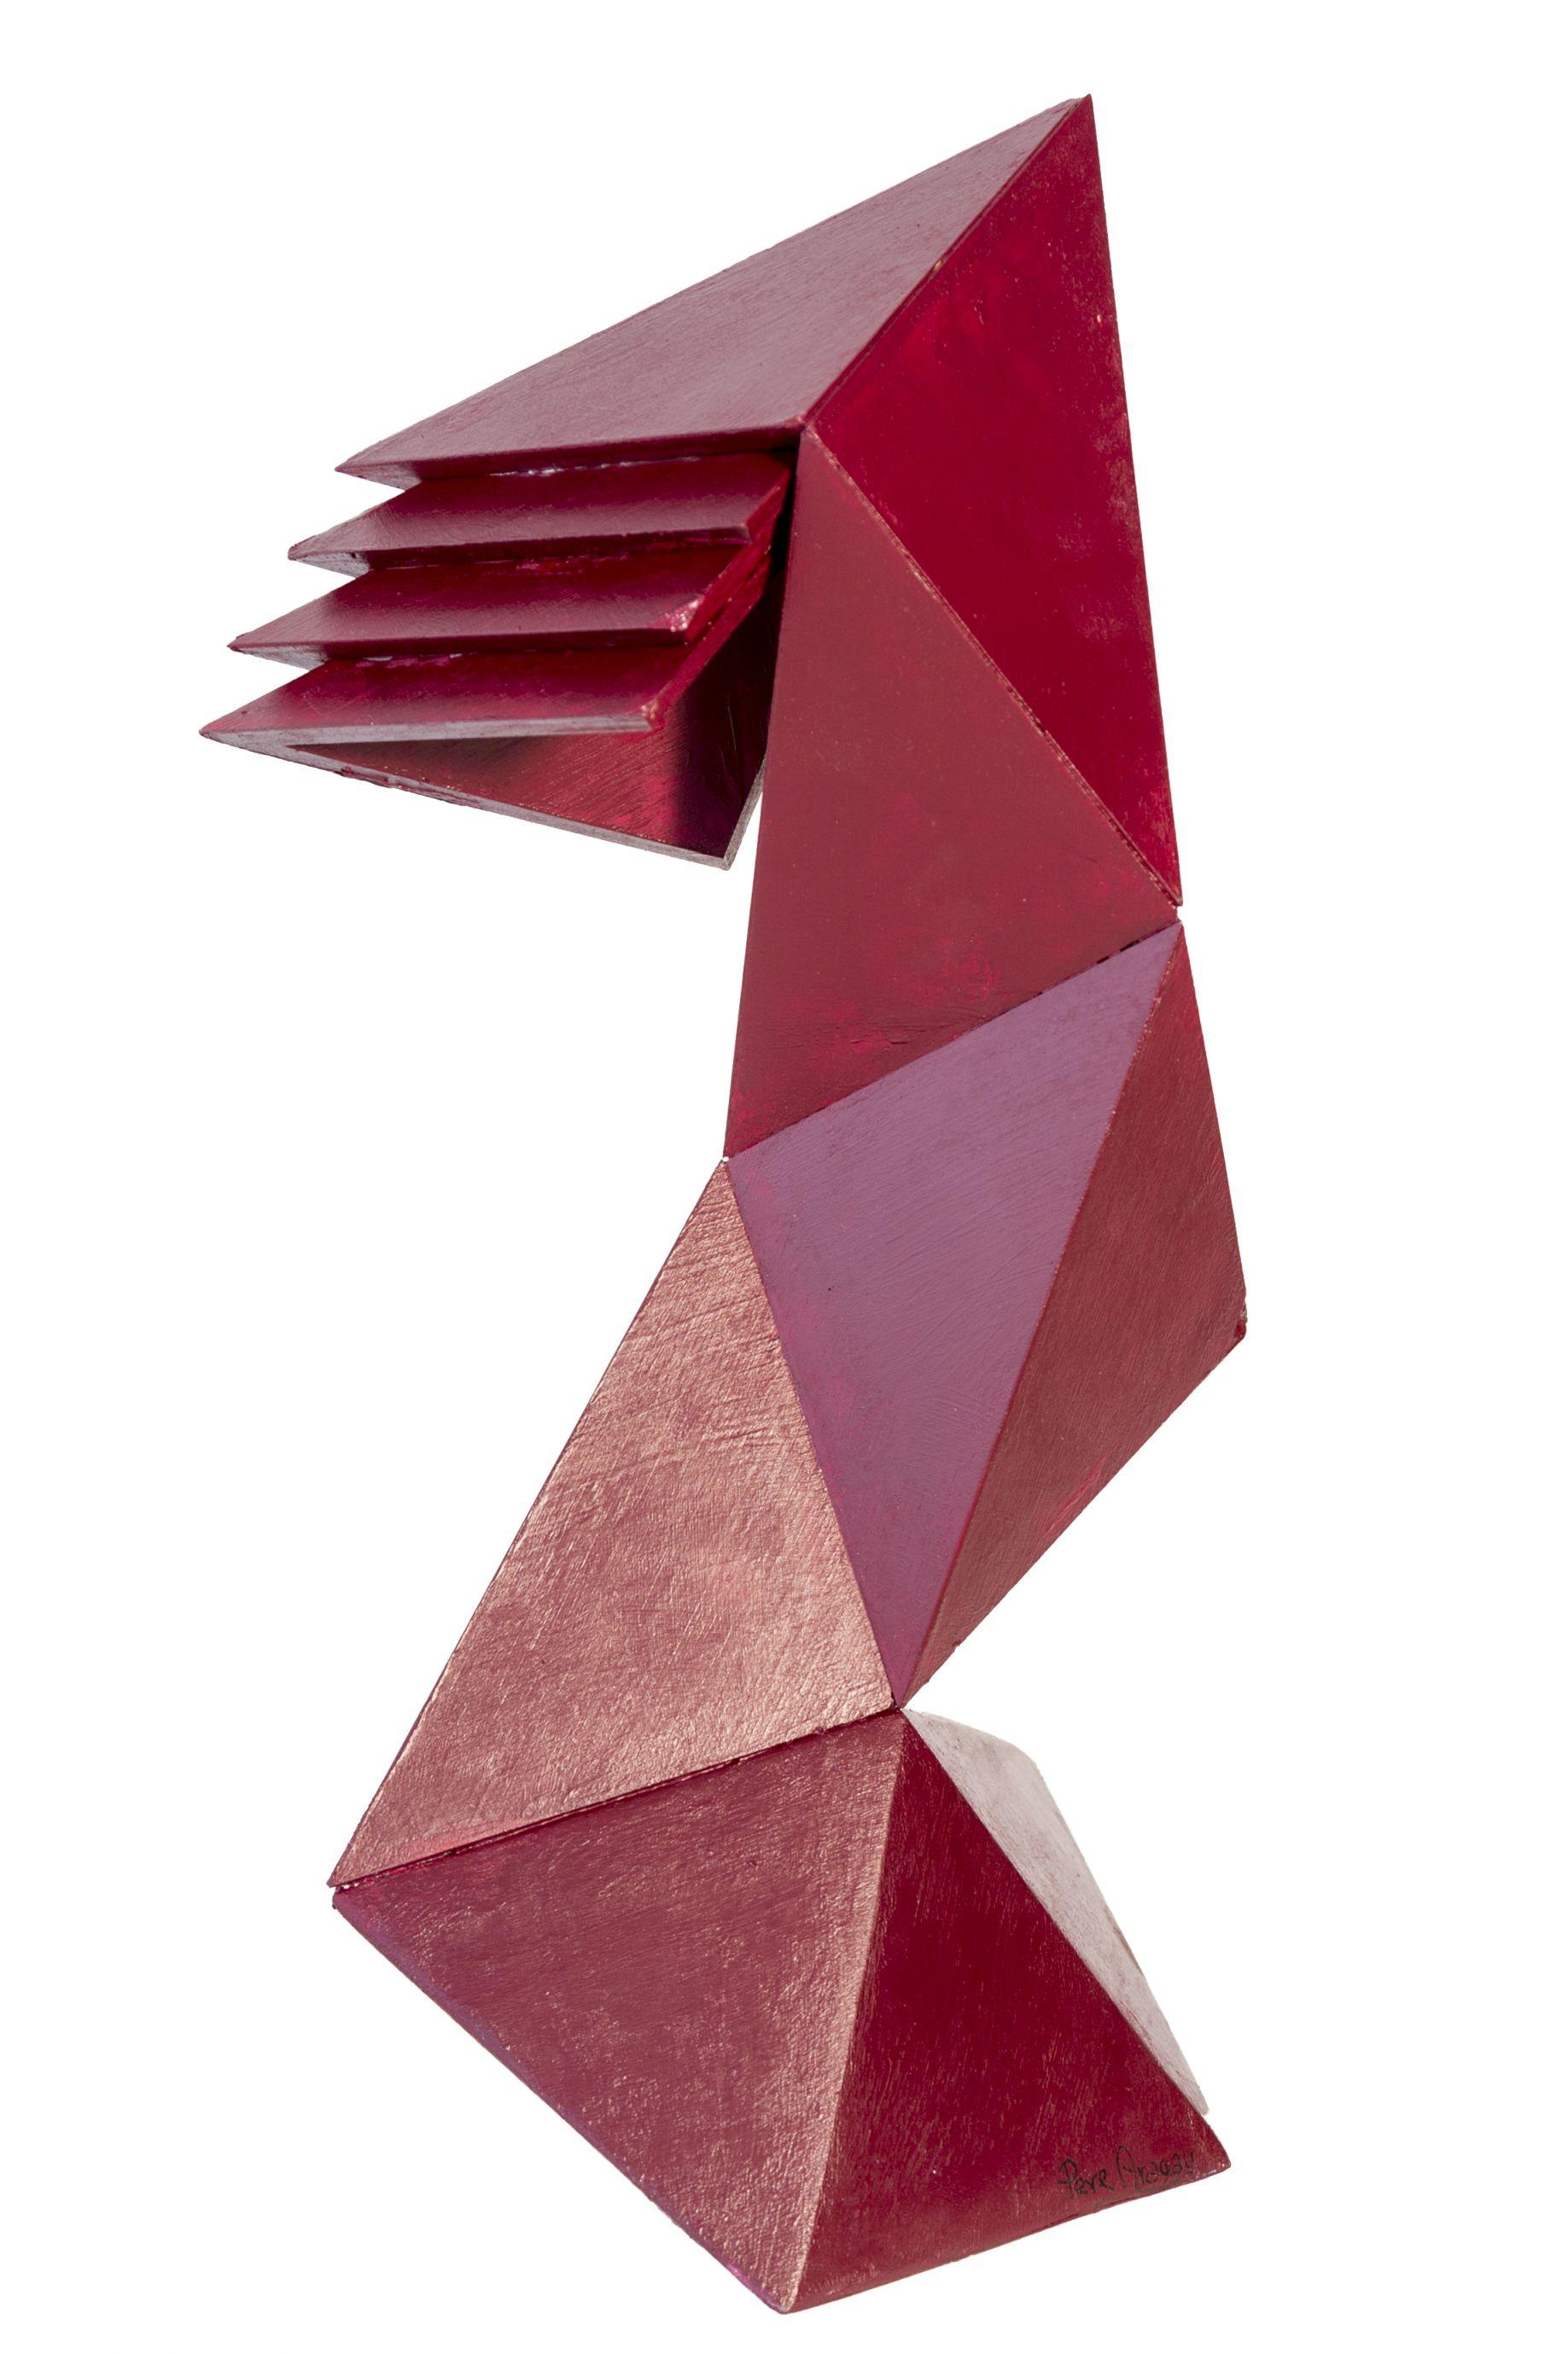 Papiroflexia (2015) - Pere Aragay Tusell